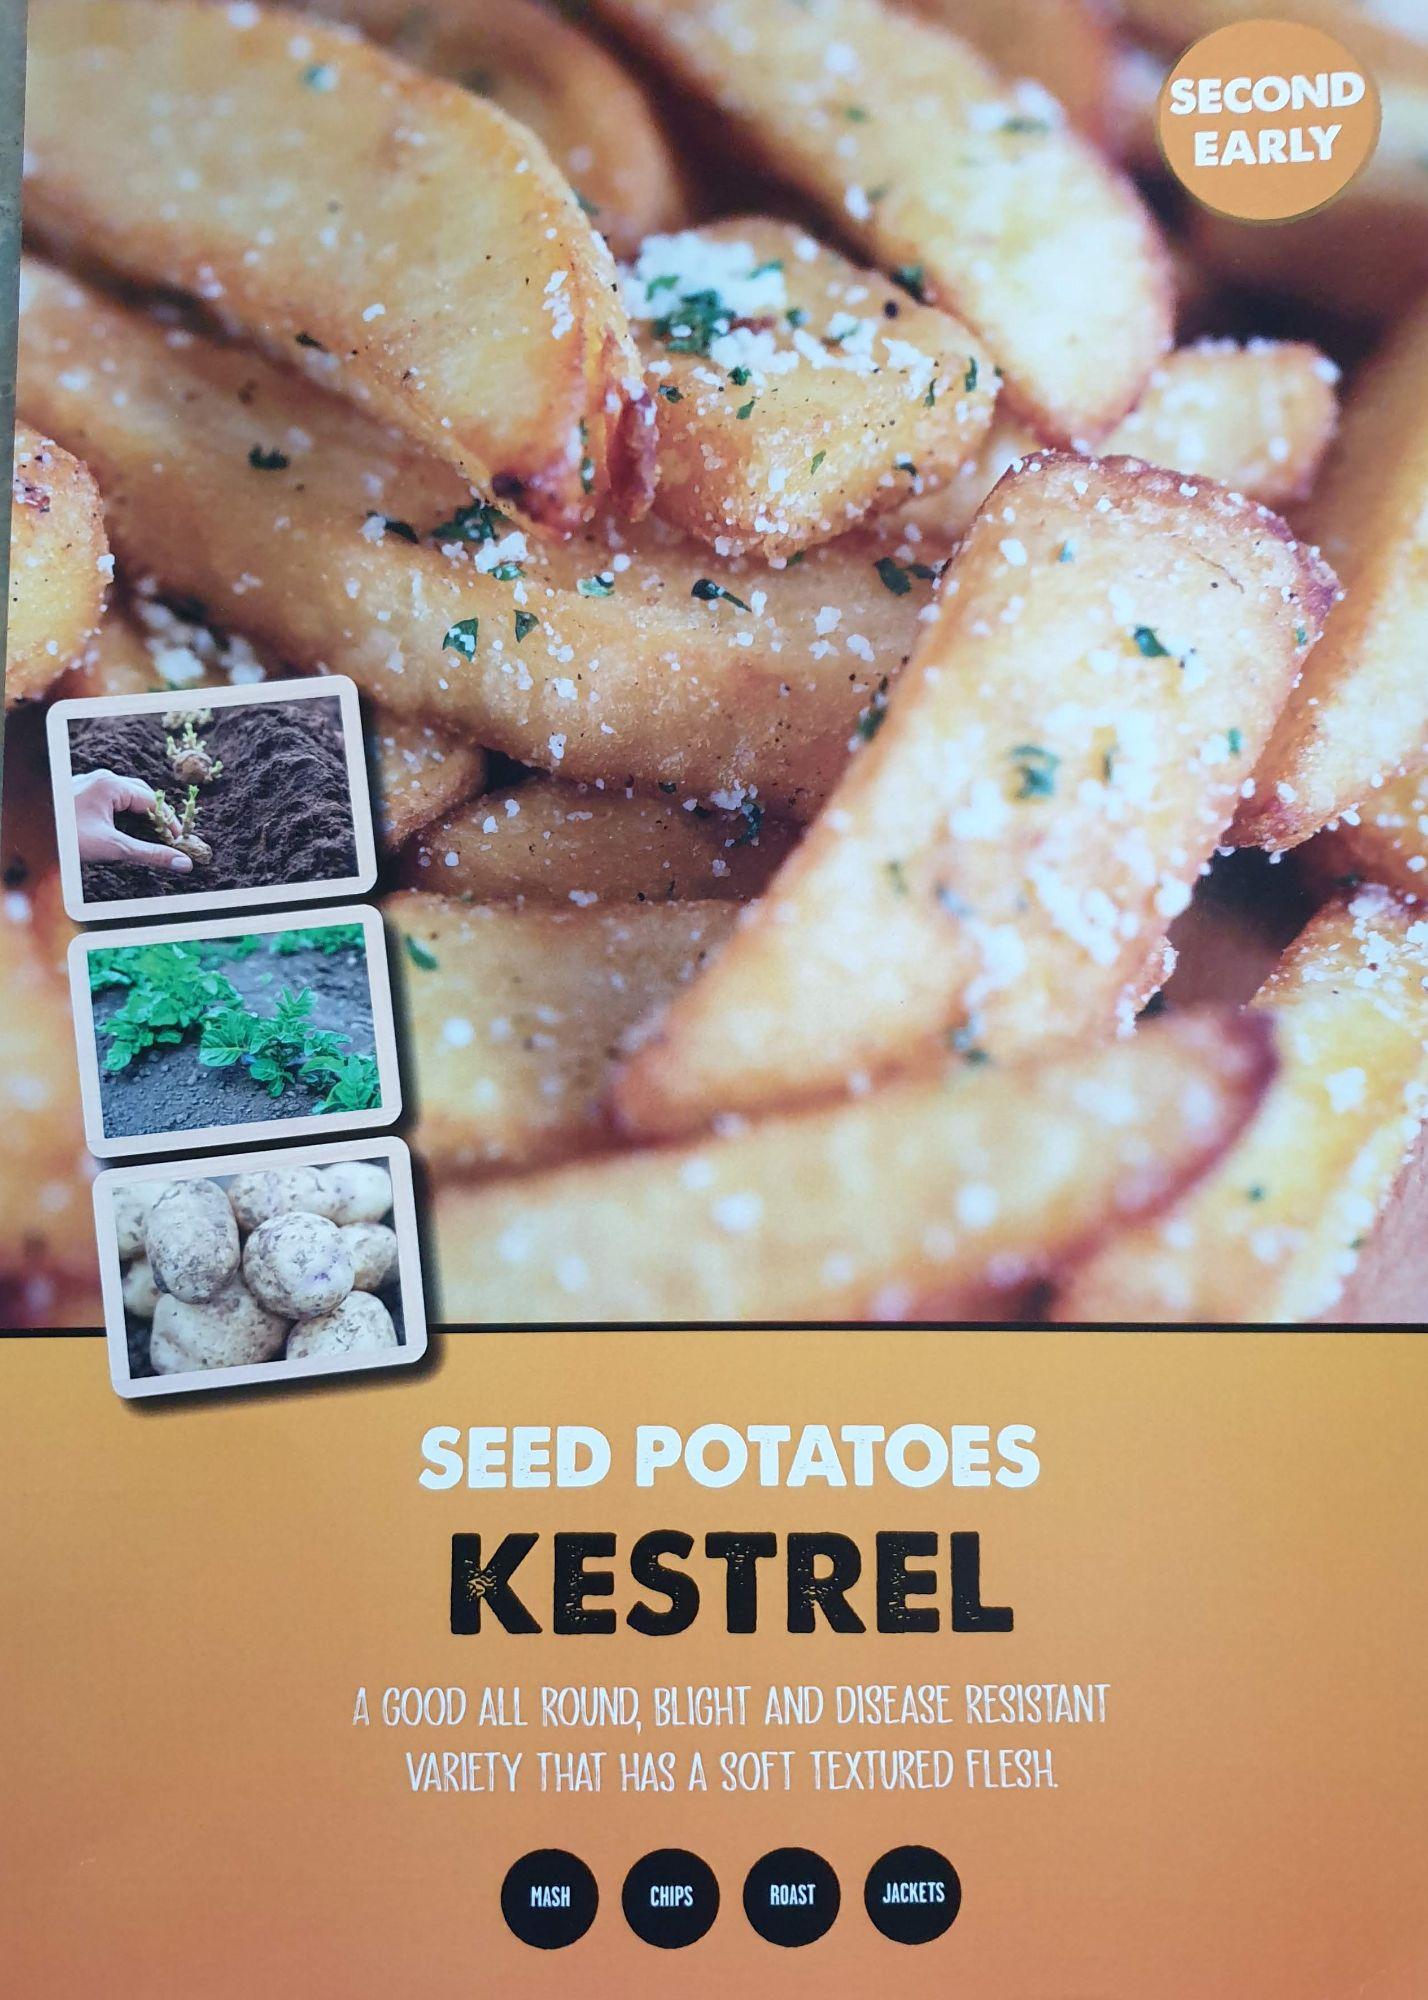 kestrel_seed_potato_info.jpg